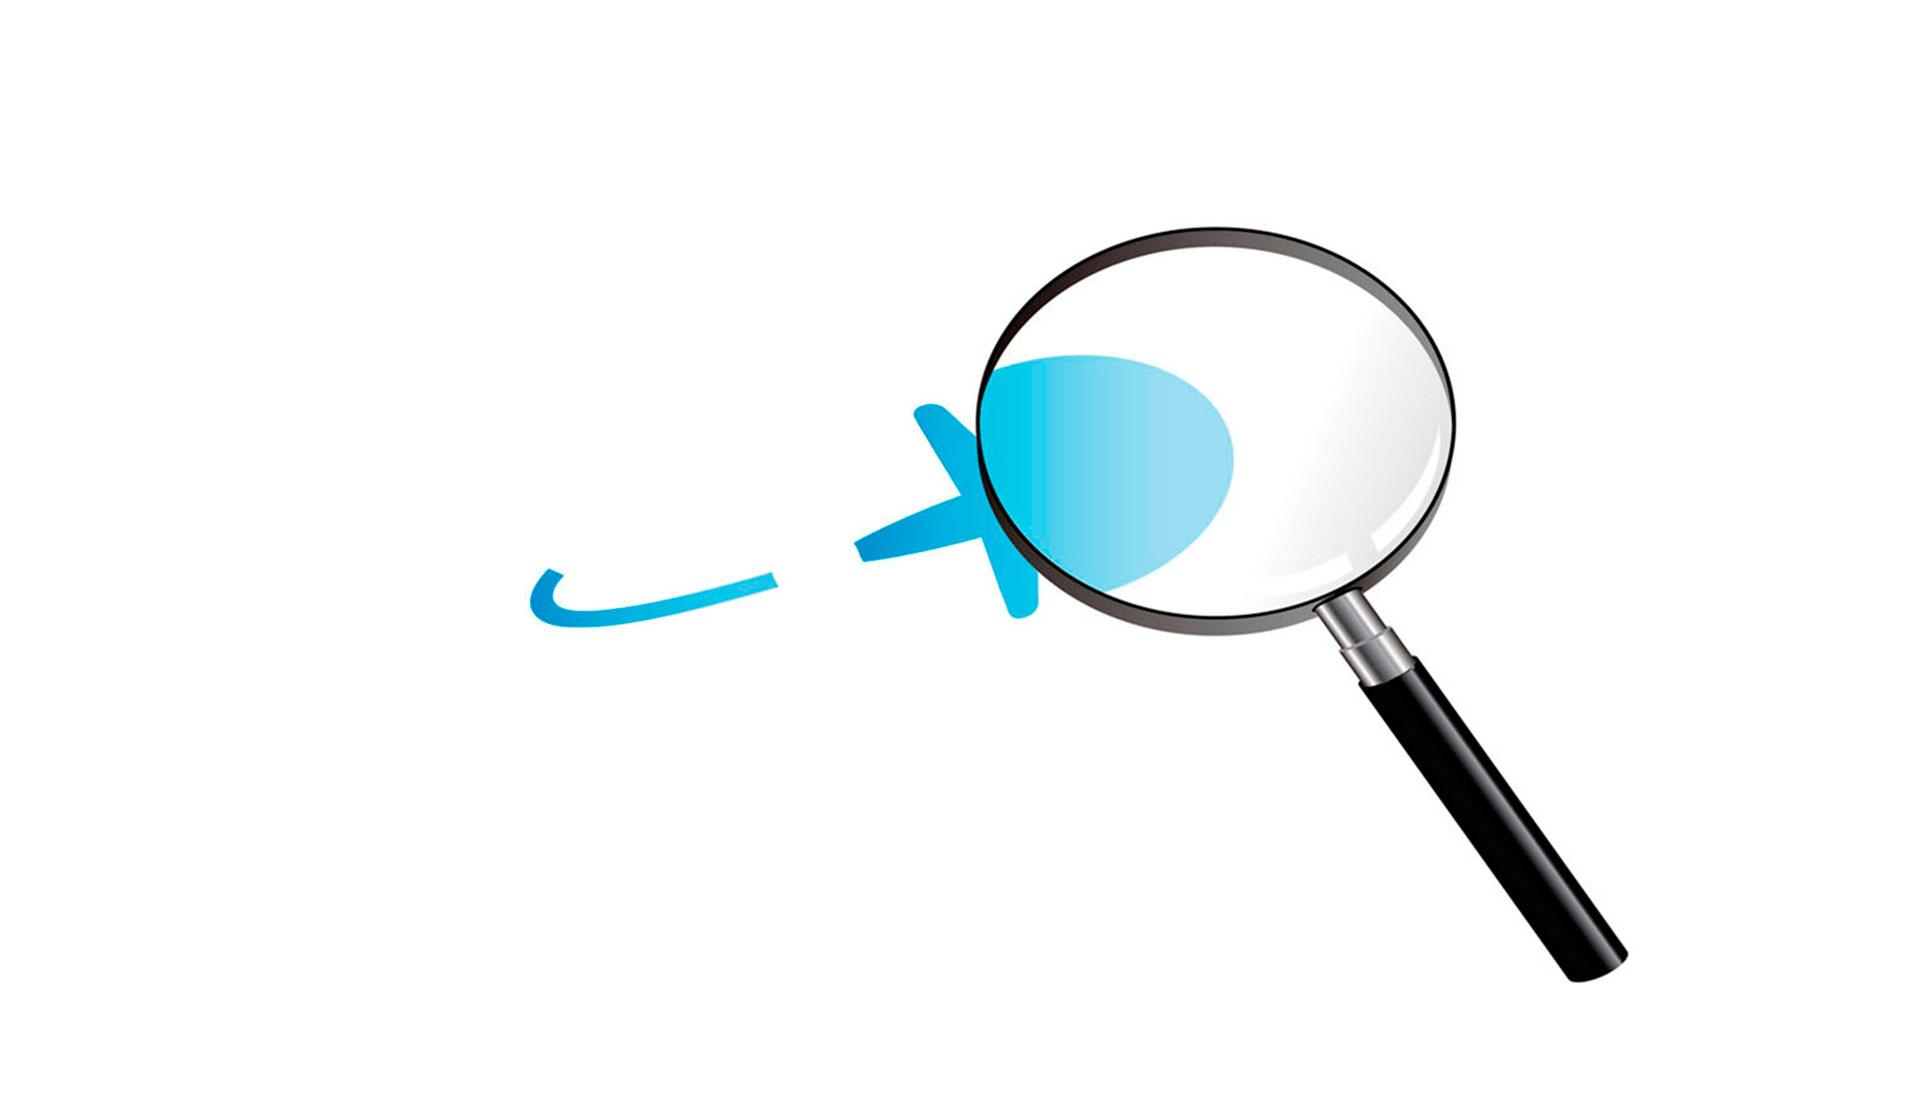 agencia-publicidad-identidad-corporativa-branding-marketing-agencia-viajes-valencia-01